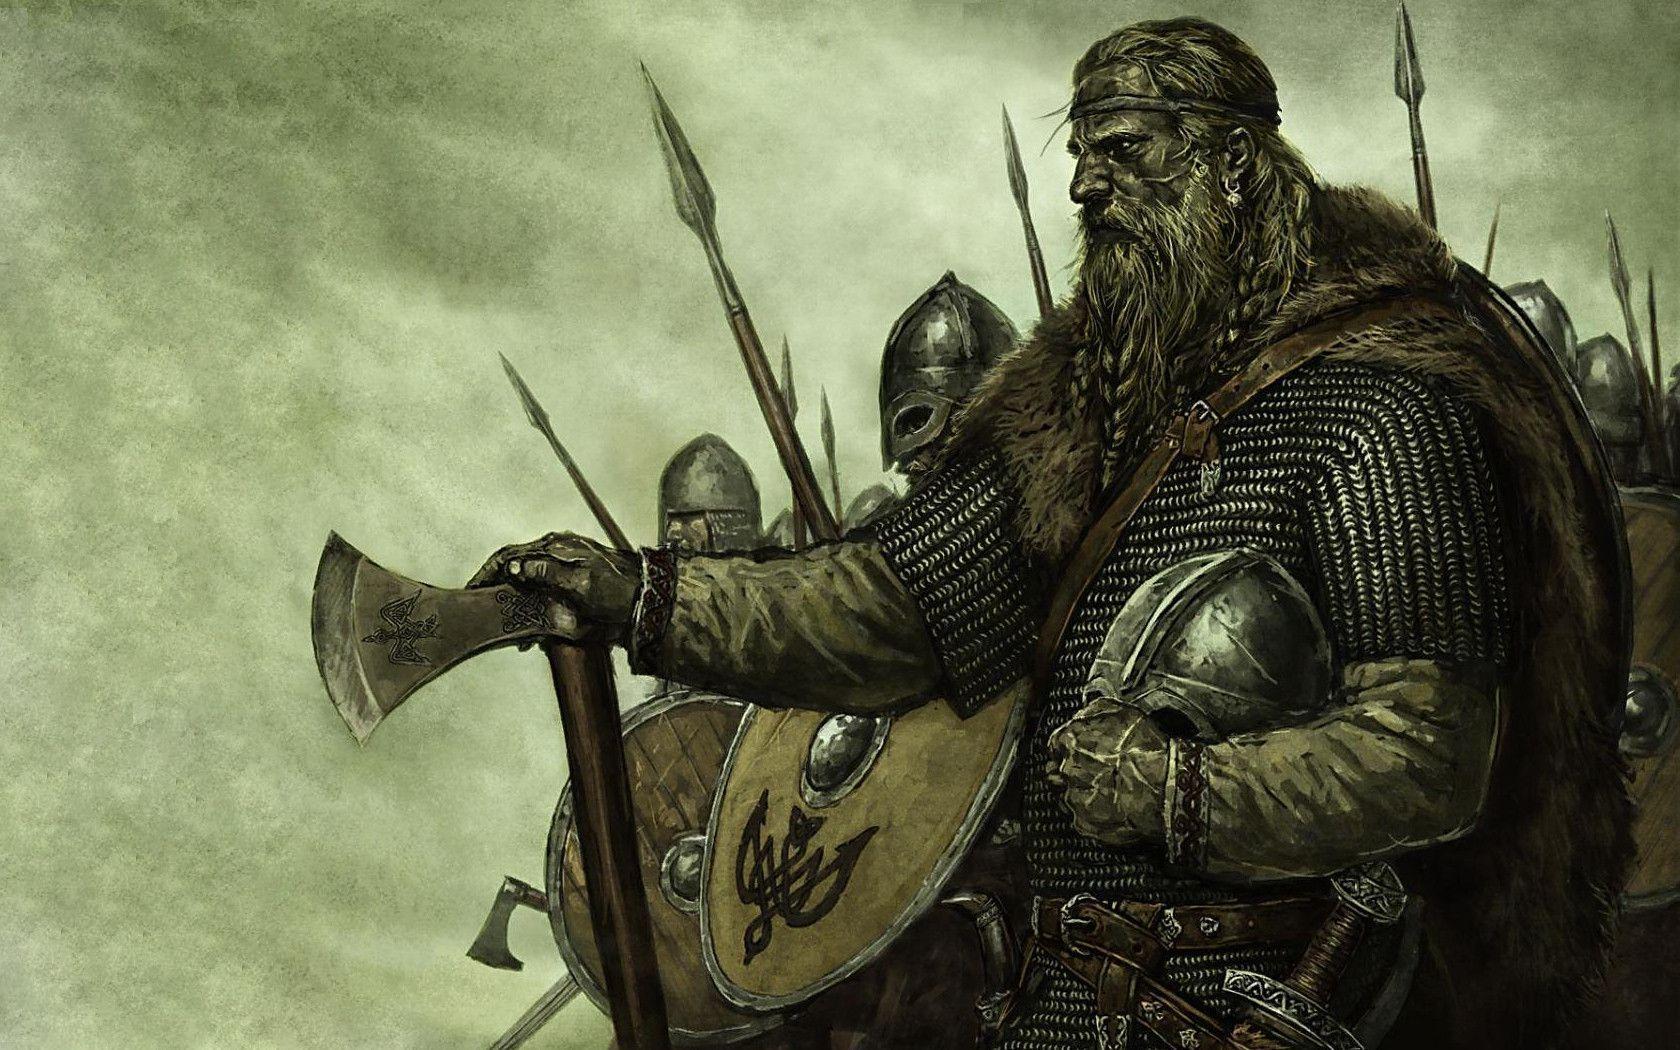 norse mythology u2013 anastasia gordy